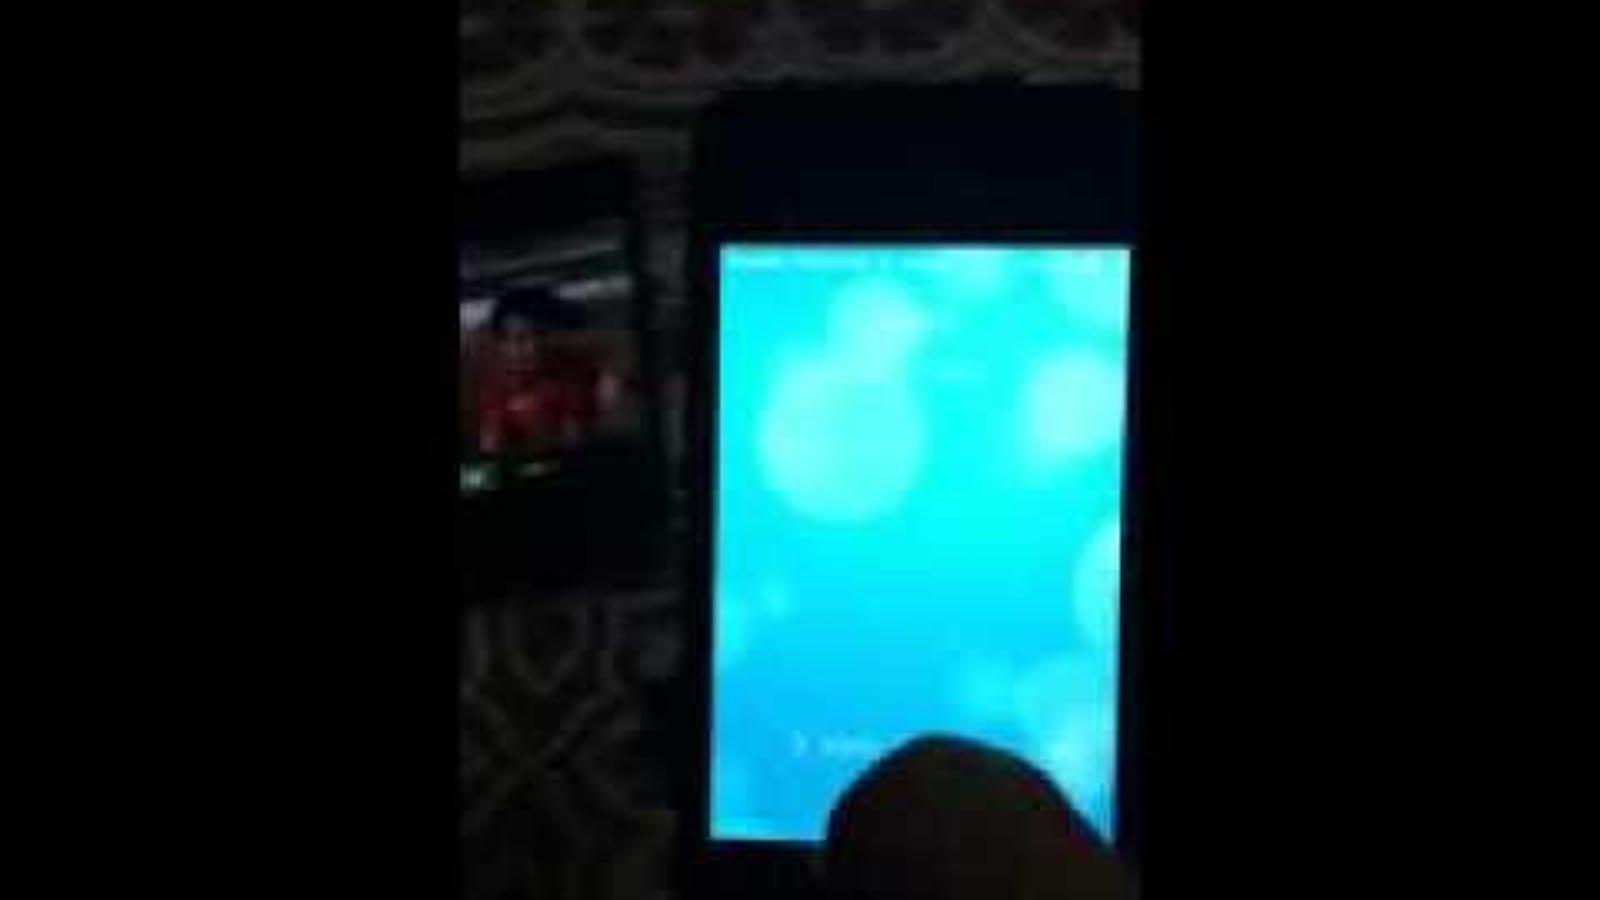 Un fallo en iOS 7 permite a cualquiera llamar con tu iPhone bloqueado